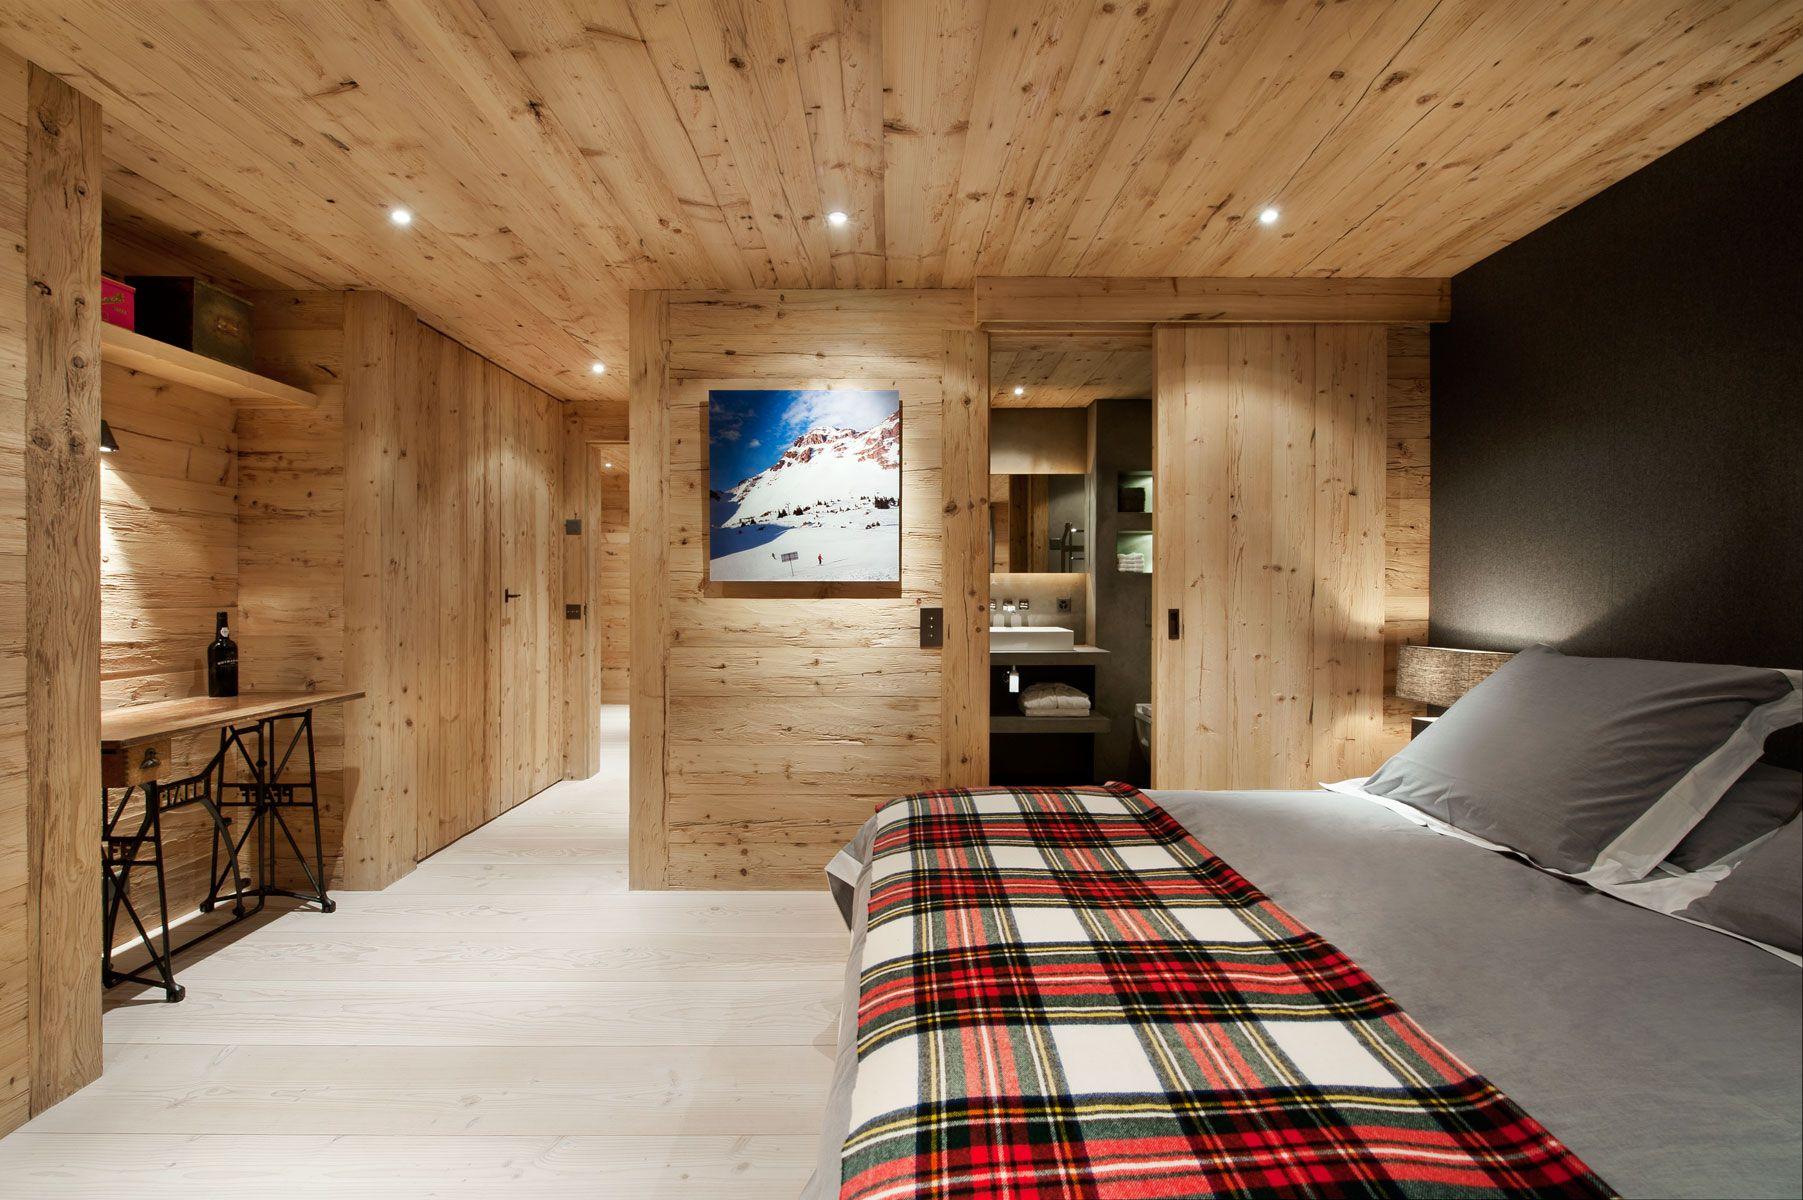 Beste afbeeldingen van slaapkamers op zolder home decor